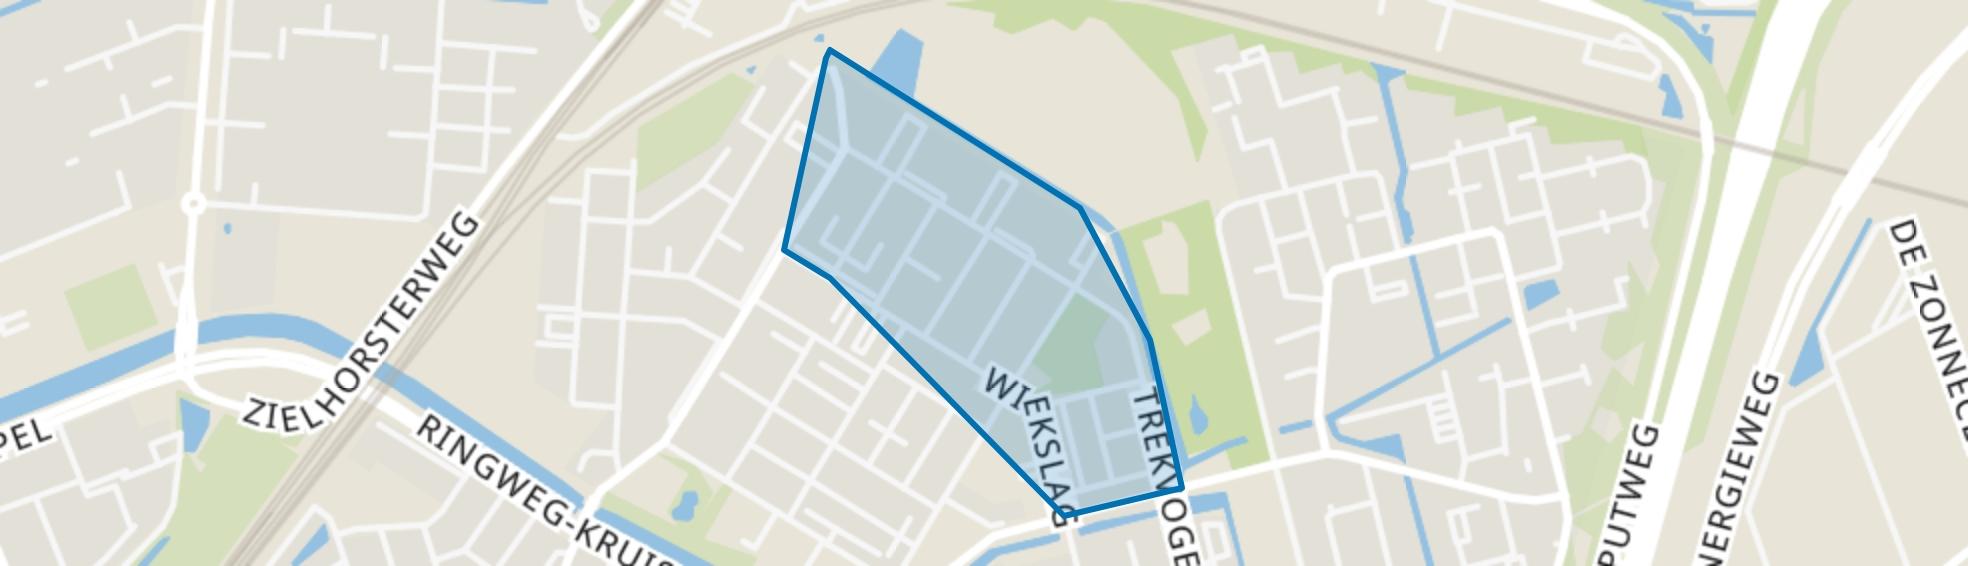 De Horsten, Amersfoort map